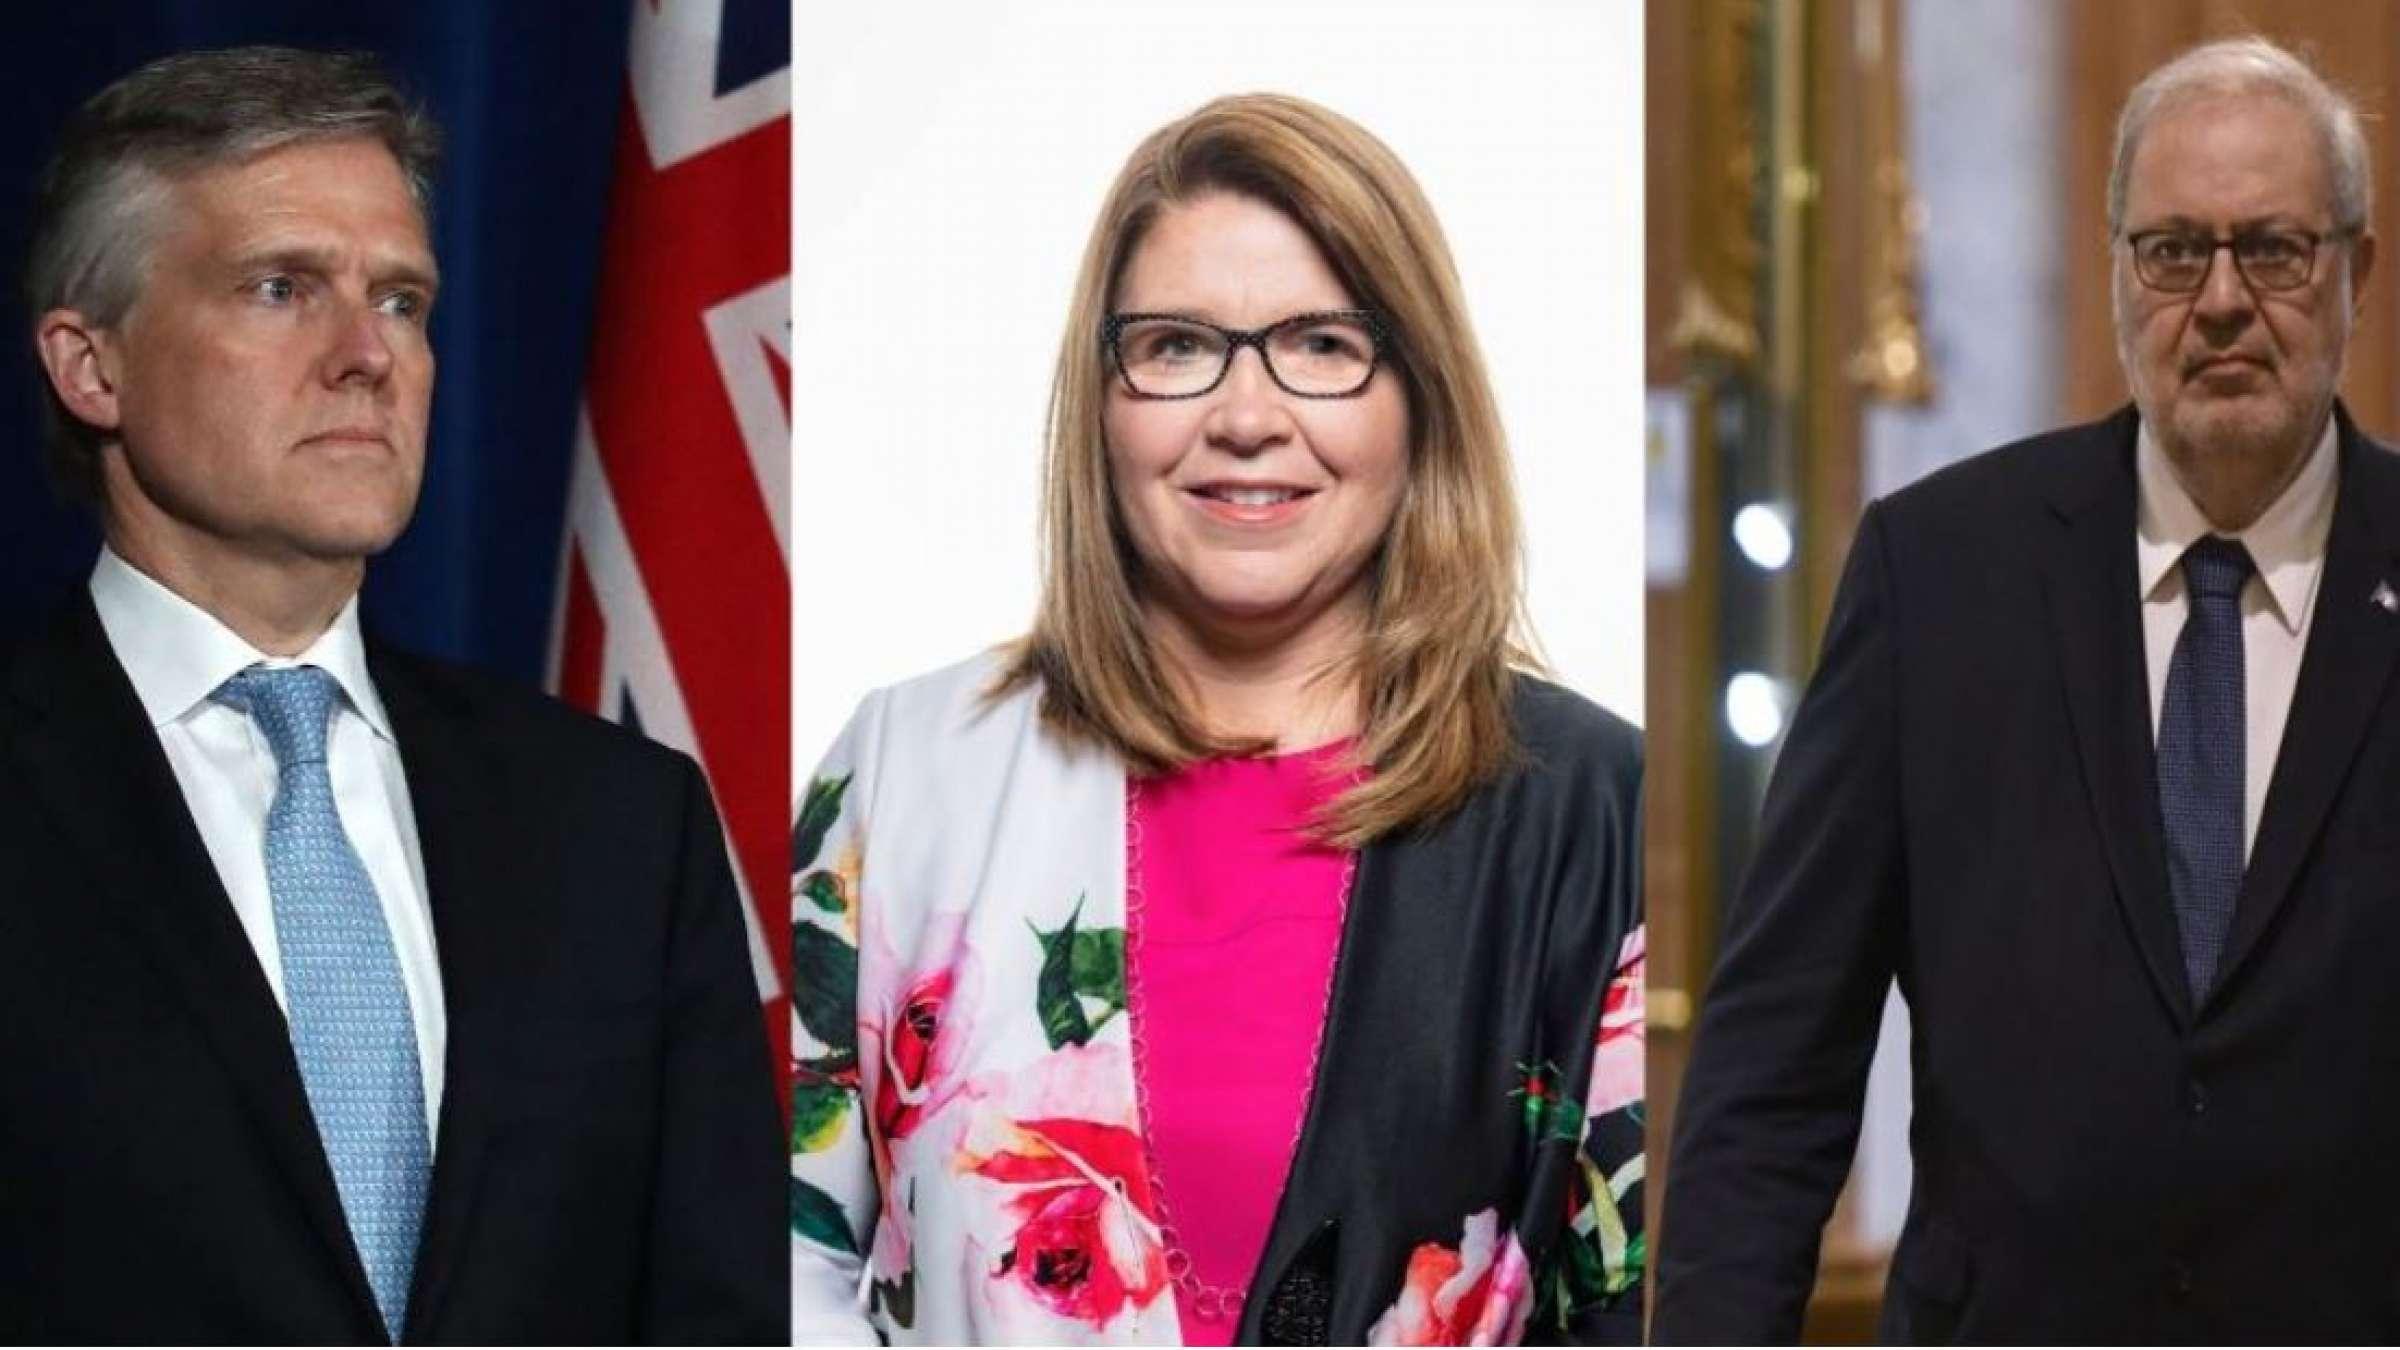 کدام-سیاستمداران-کانادایی-با-وجود-کرونا-برای-تعطیلات-کریسمس-به-خارج-از-کشور-سفر-کردند